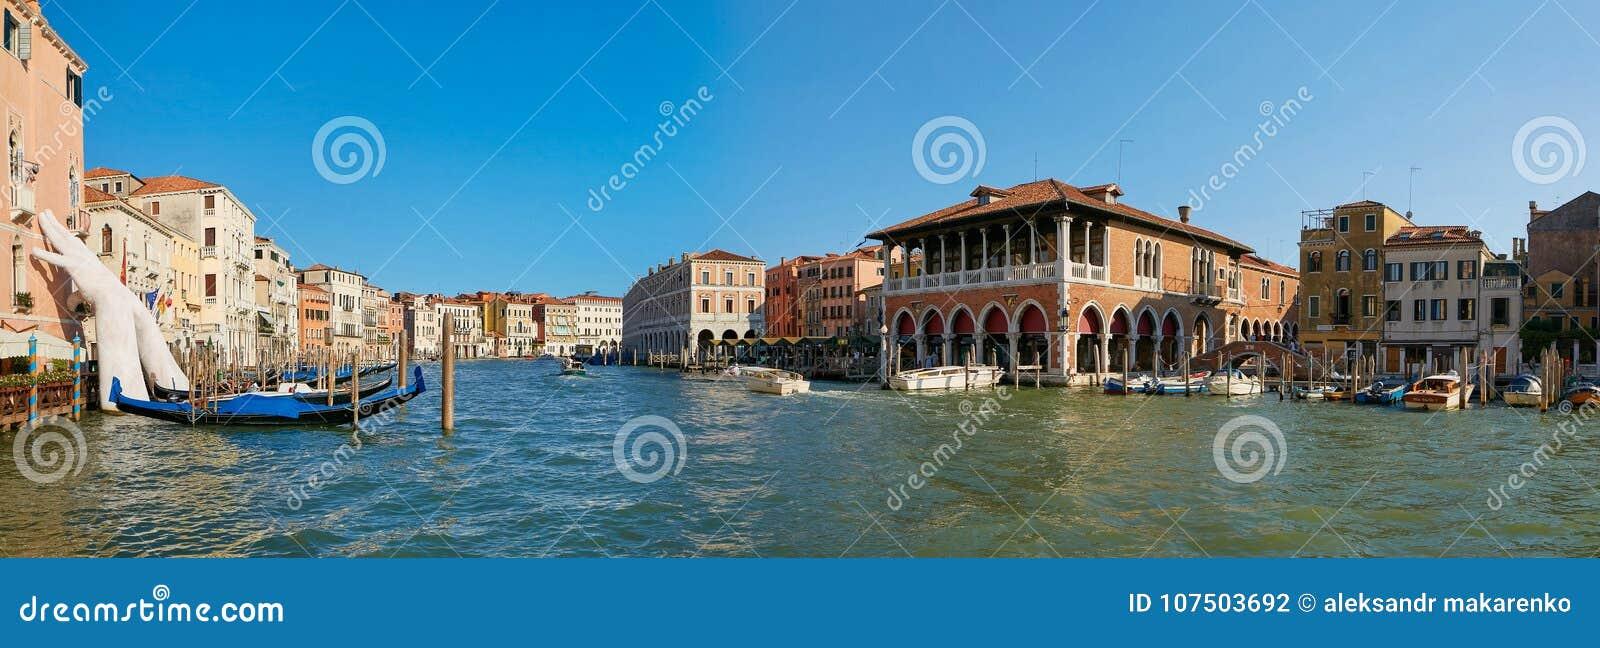 3ab4cb7b275 Veneza